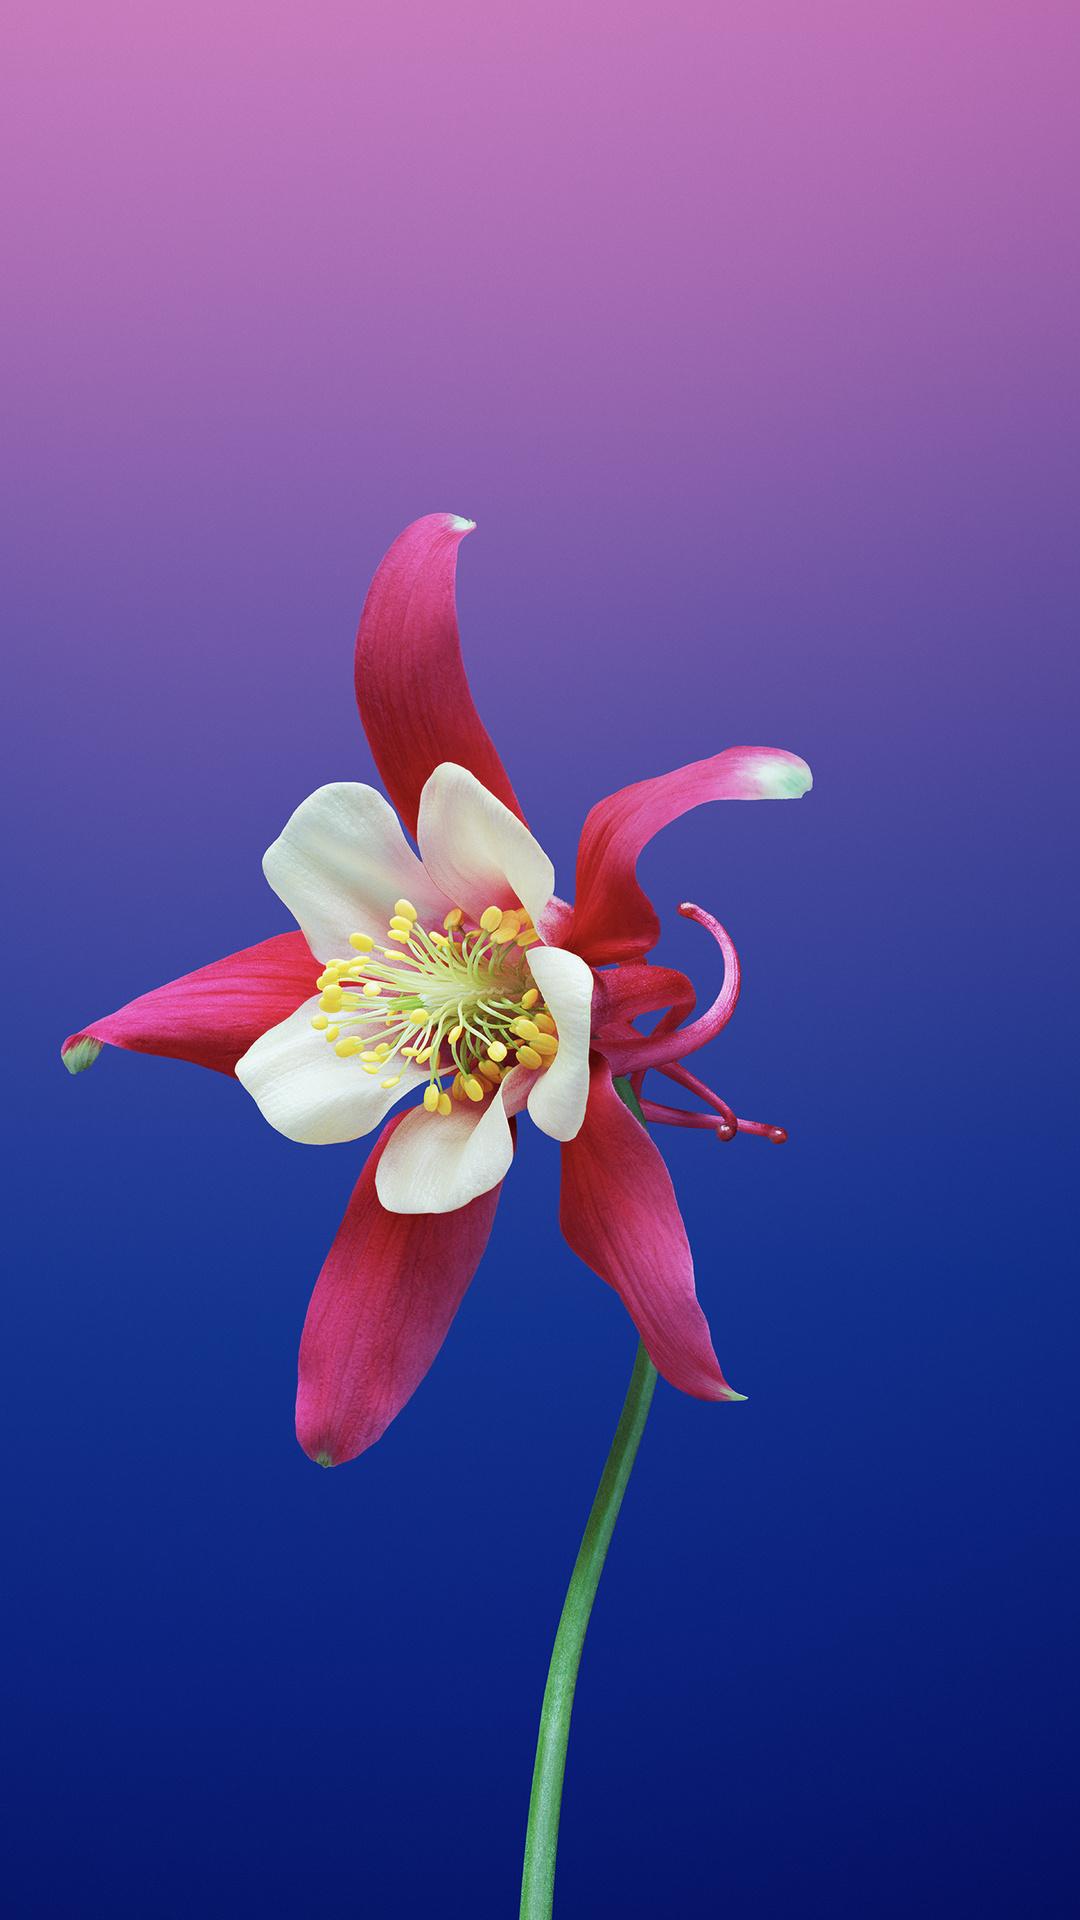 1080x1920 Ios 11 Flower Aquilegia Iphone 7,6s,6 Plus ...